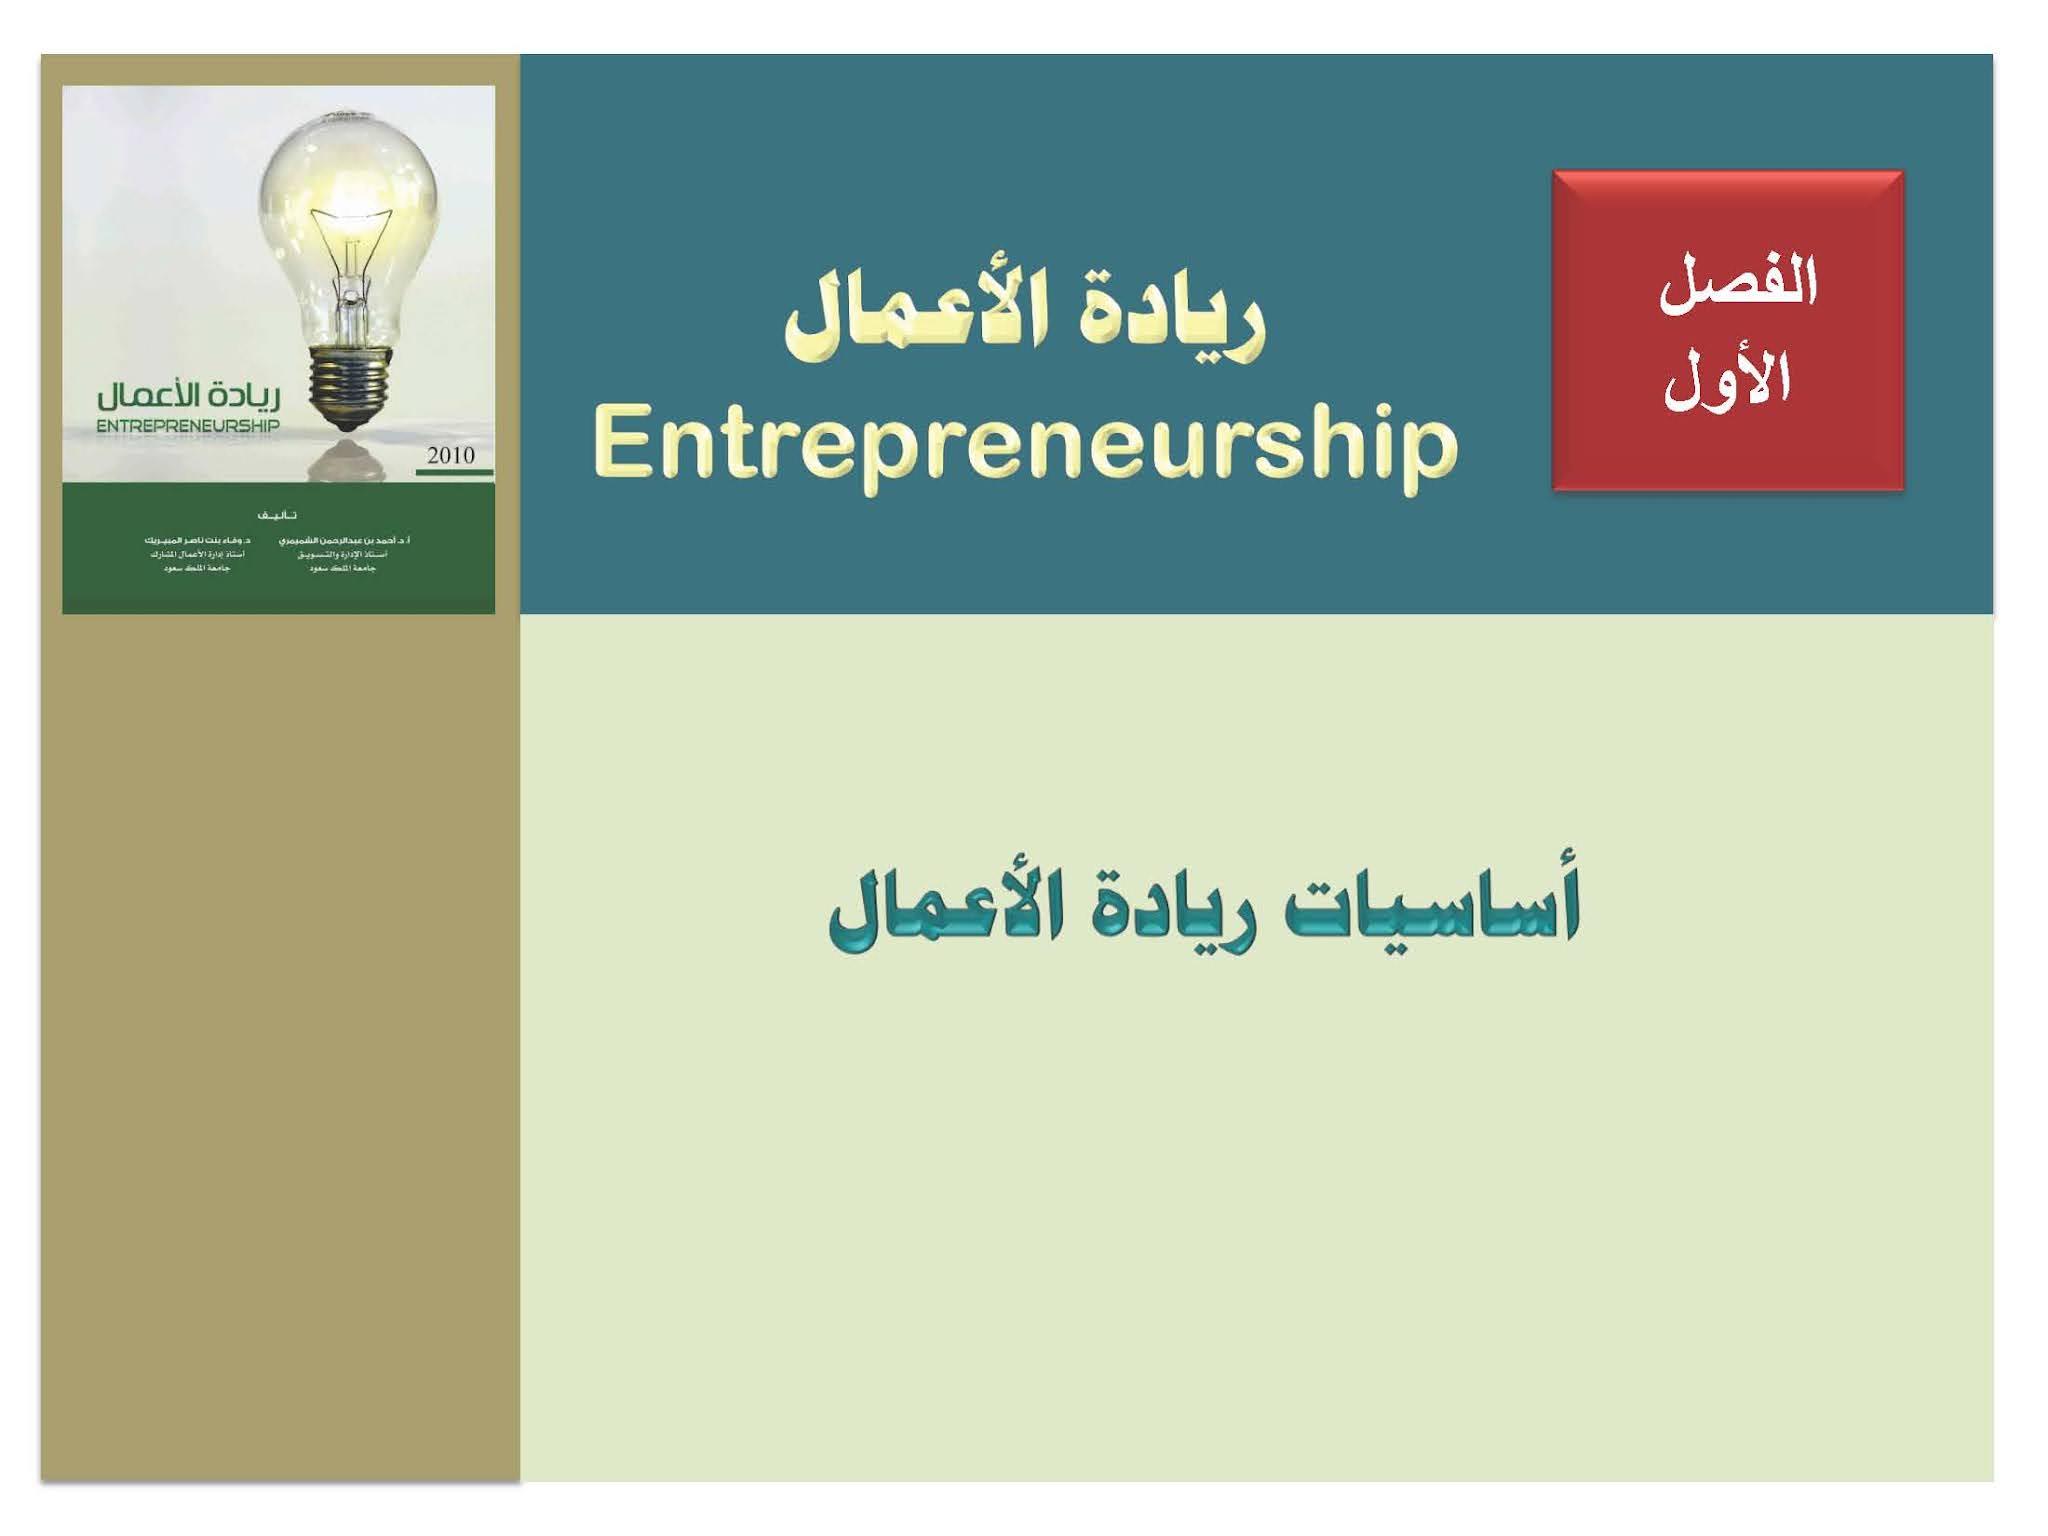 A Full Guide To Entrepreneurship For Beginners